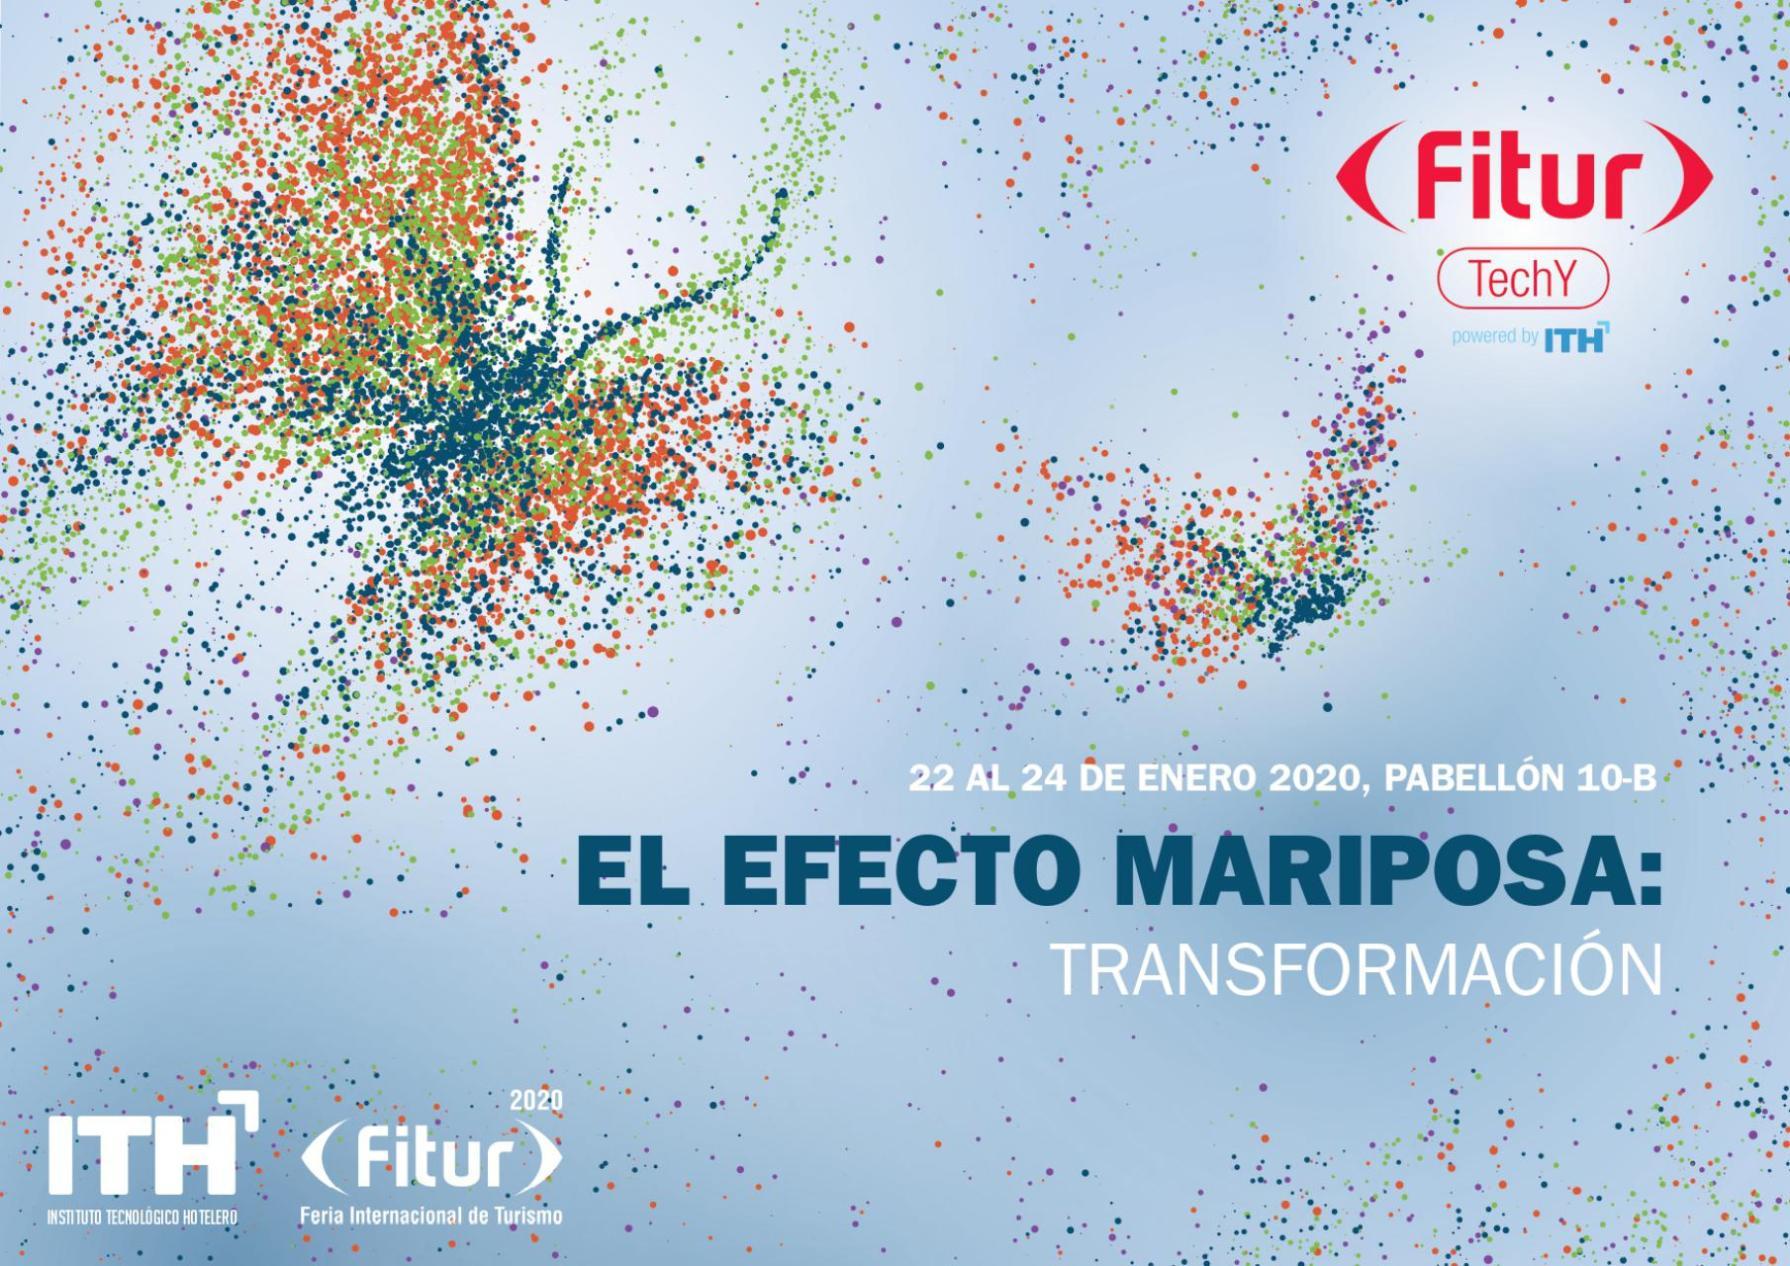 Imagen de la sección Fiturtechy bajo el lema efecto mariposa, transformación